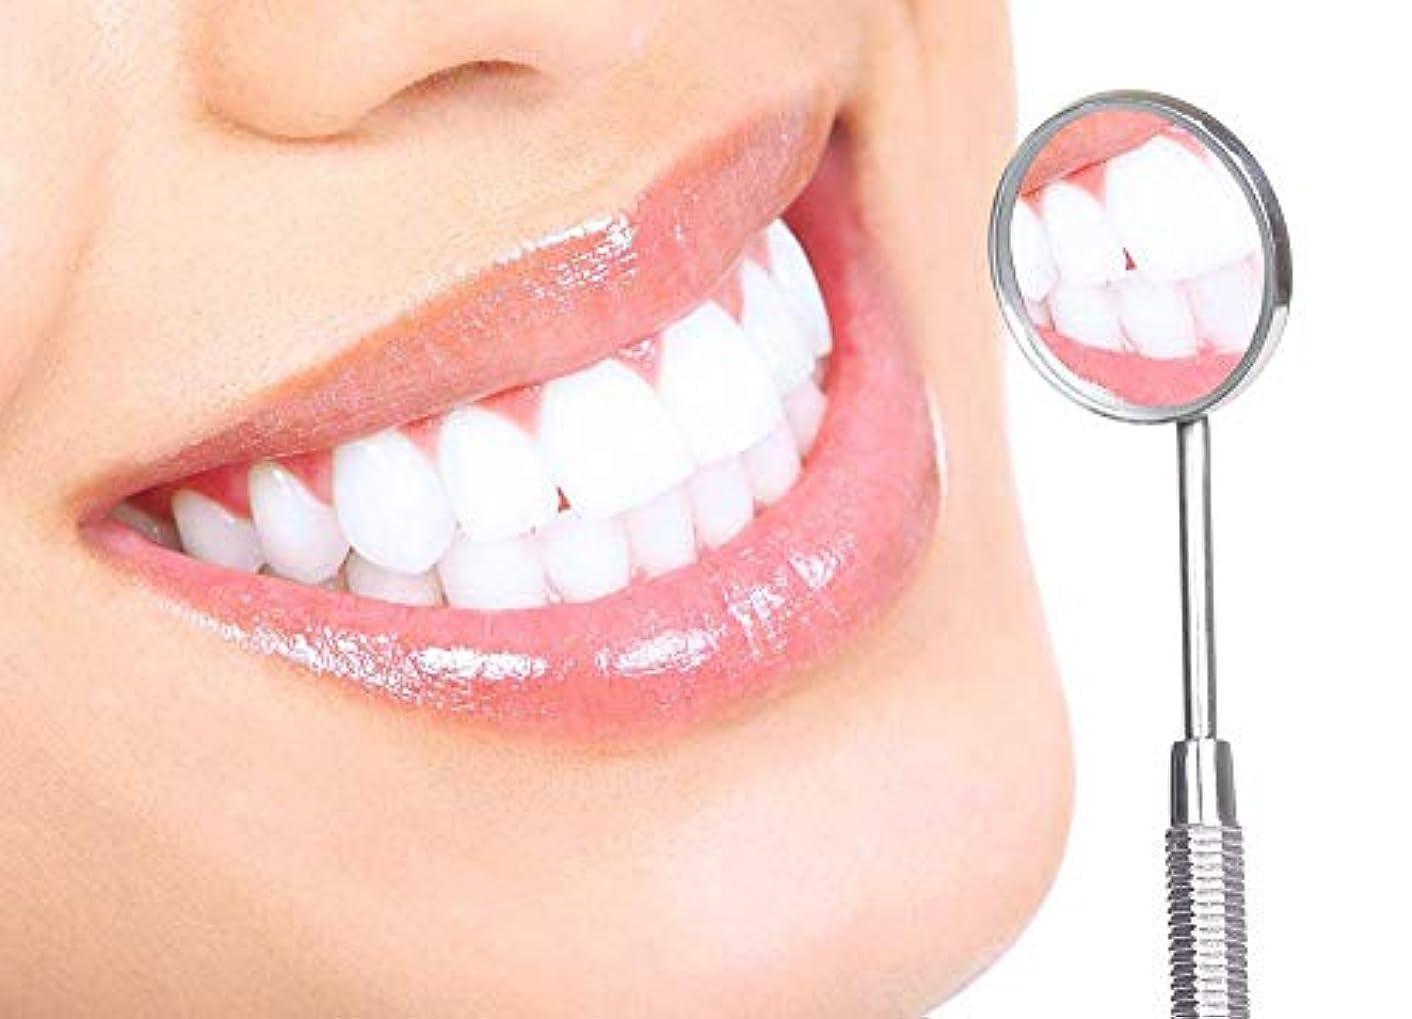 セットの第二世代のシリコーンのシミュレーションの義歯を白くする上部の下の歯の模擬装具,20SETS